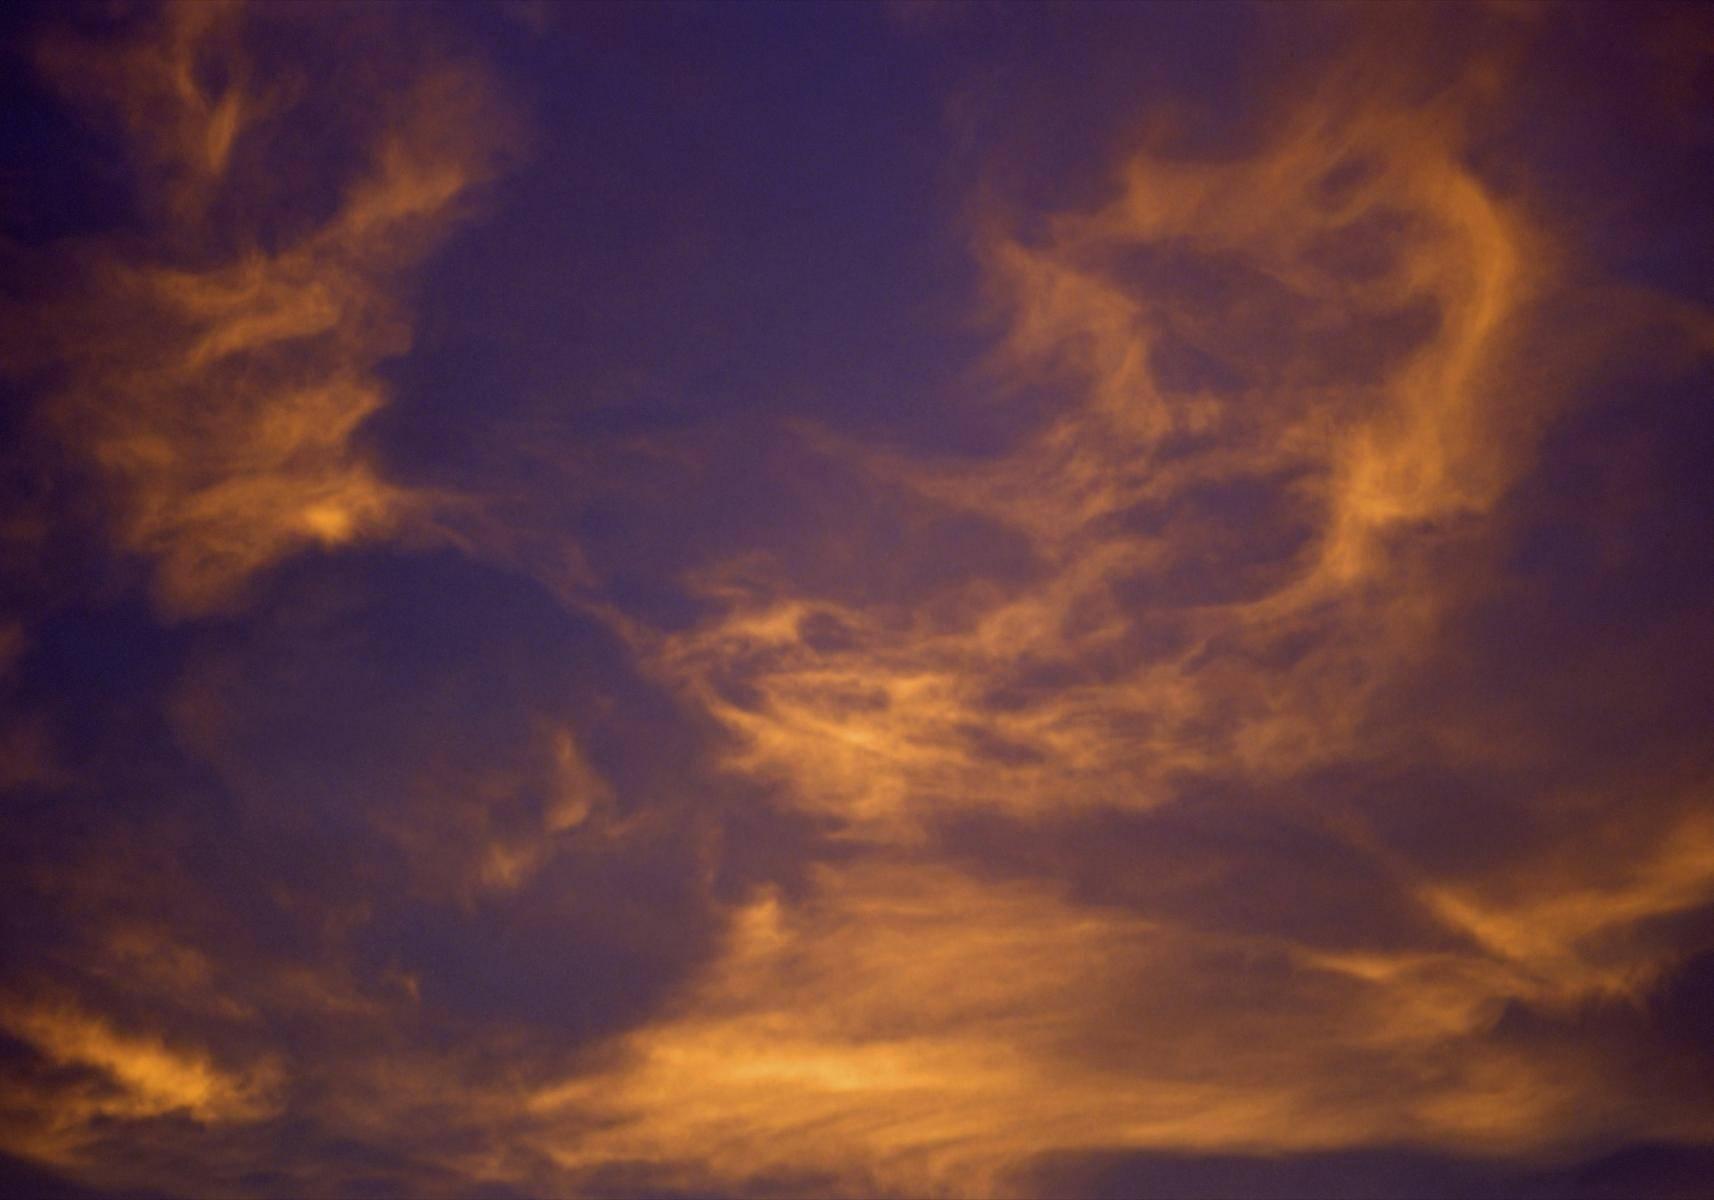 Wolkenstimmung in der Morgendämmerung